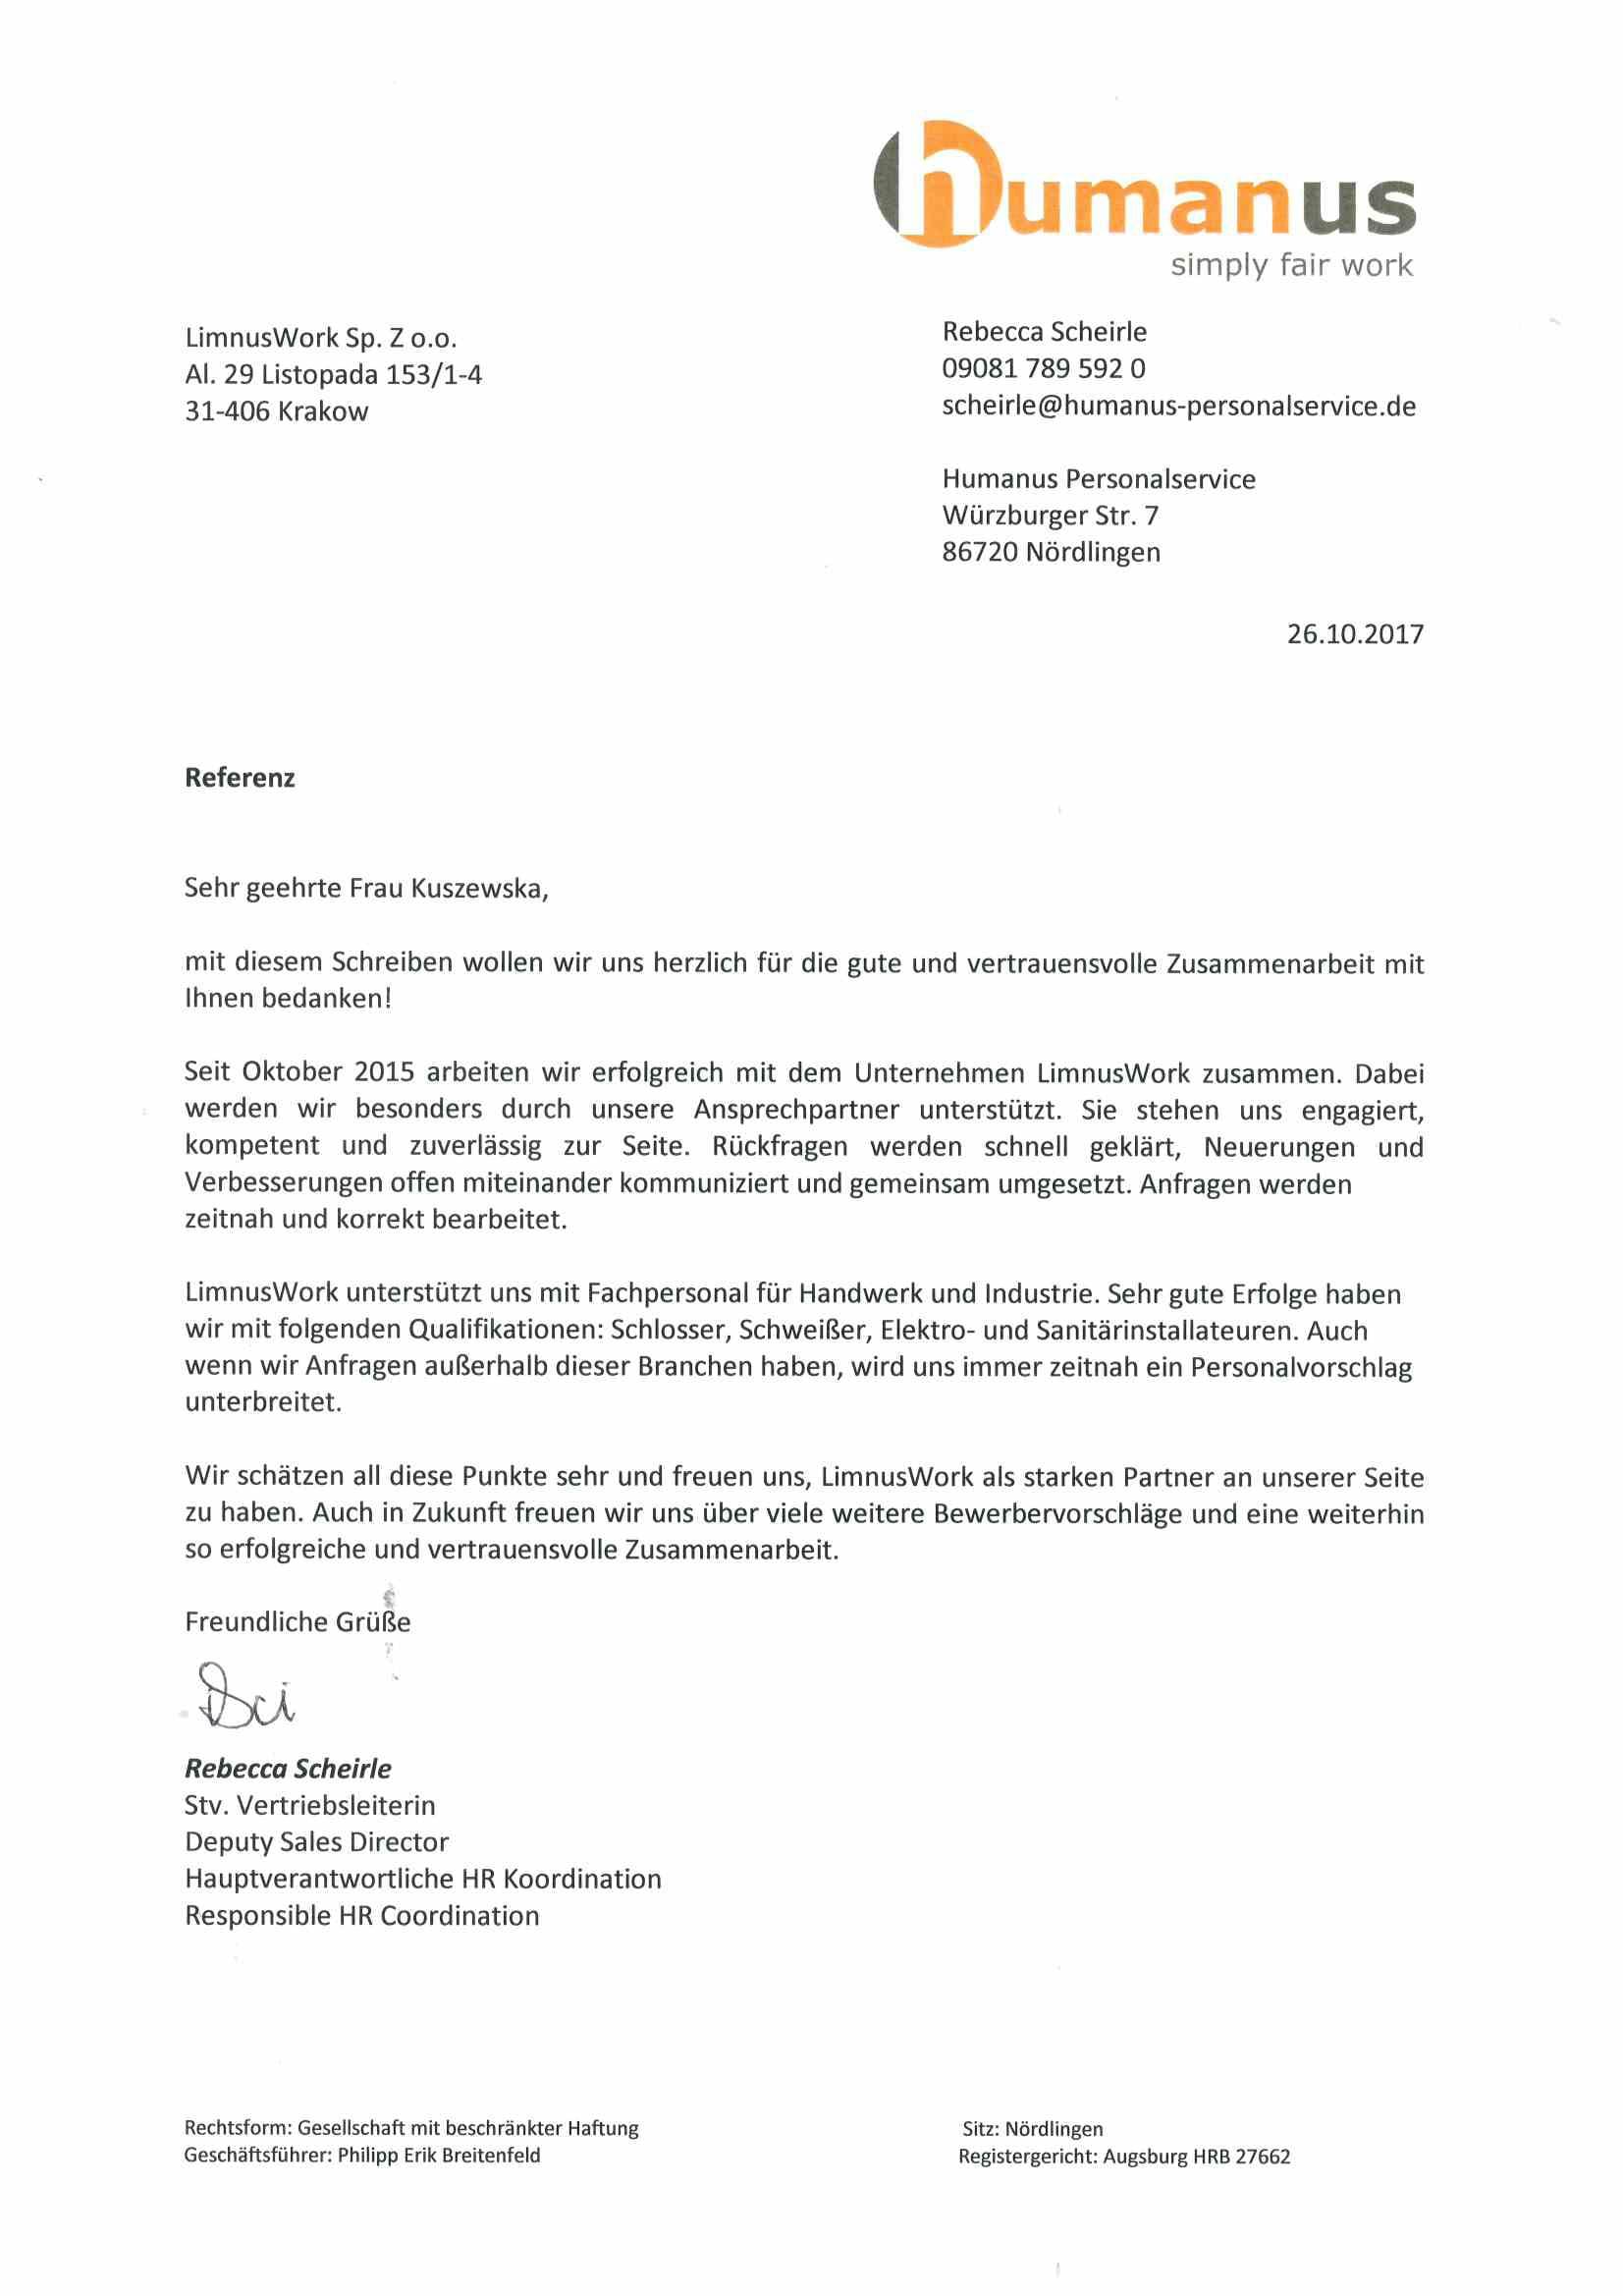 Wunderbar Charakter Referenz Gericht Vorlage Bilder - Beispiel ...